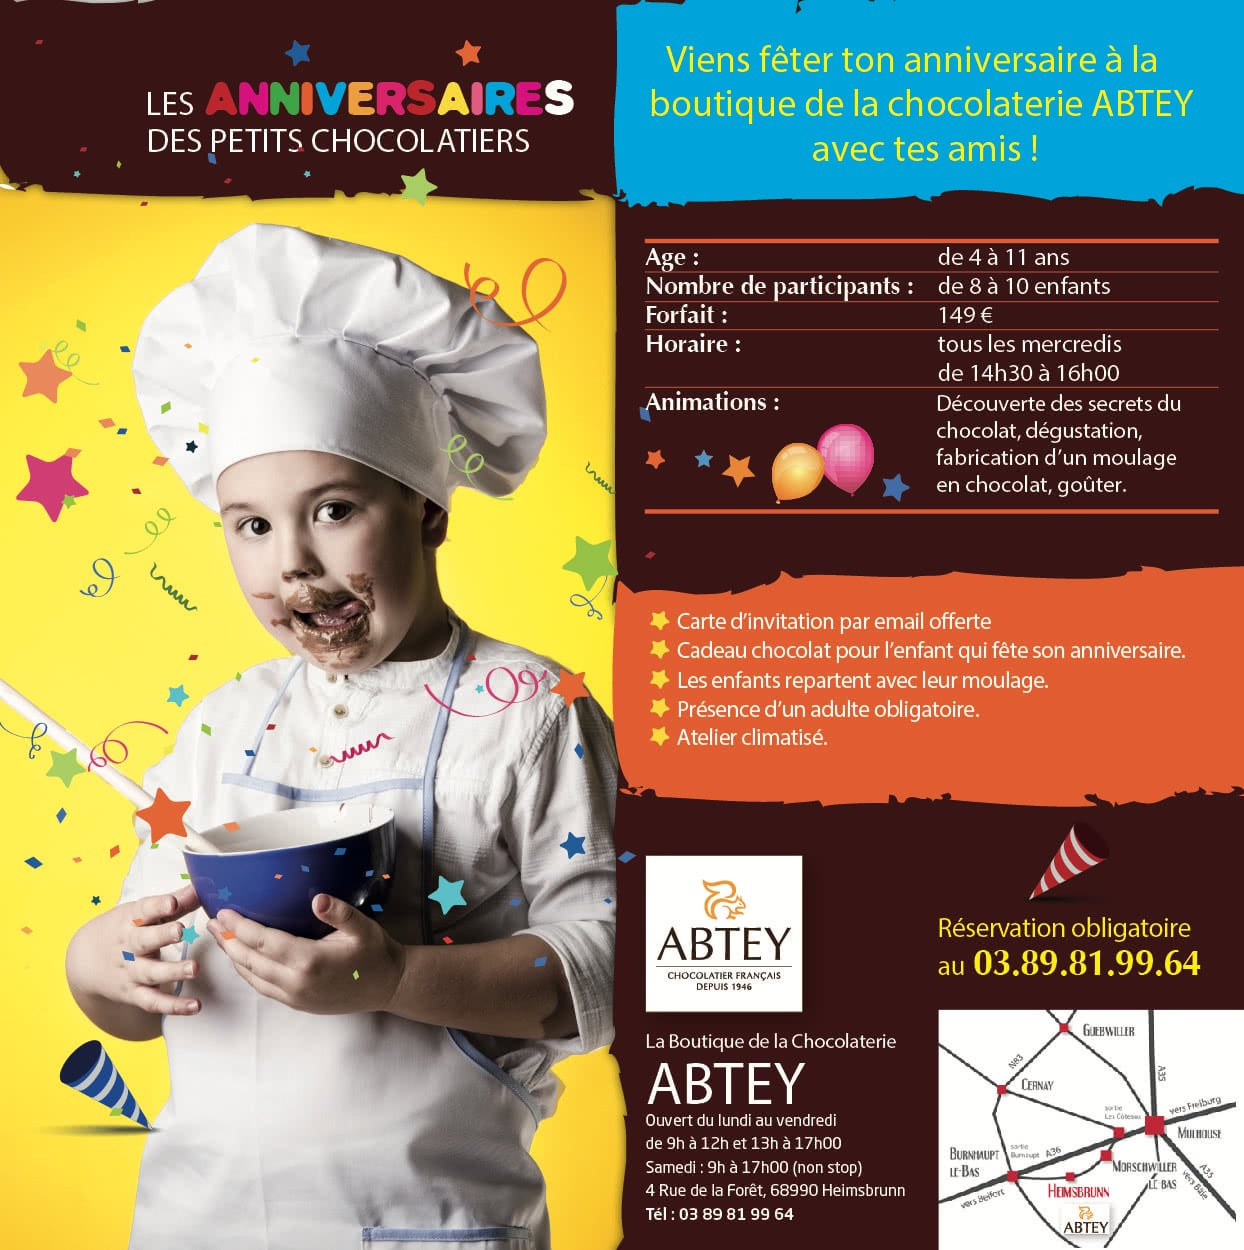 Les anniversaires de la boutique de la chocolaterie ABTEY.